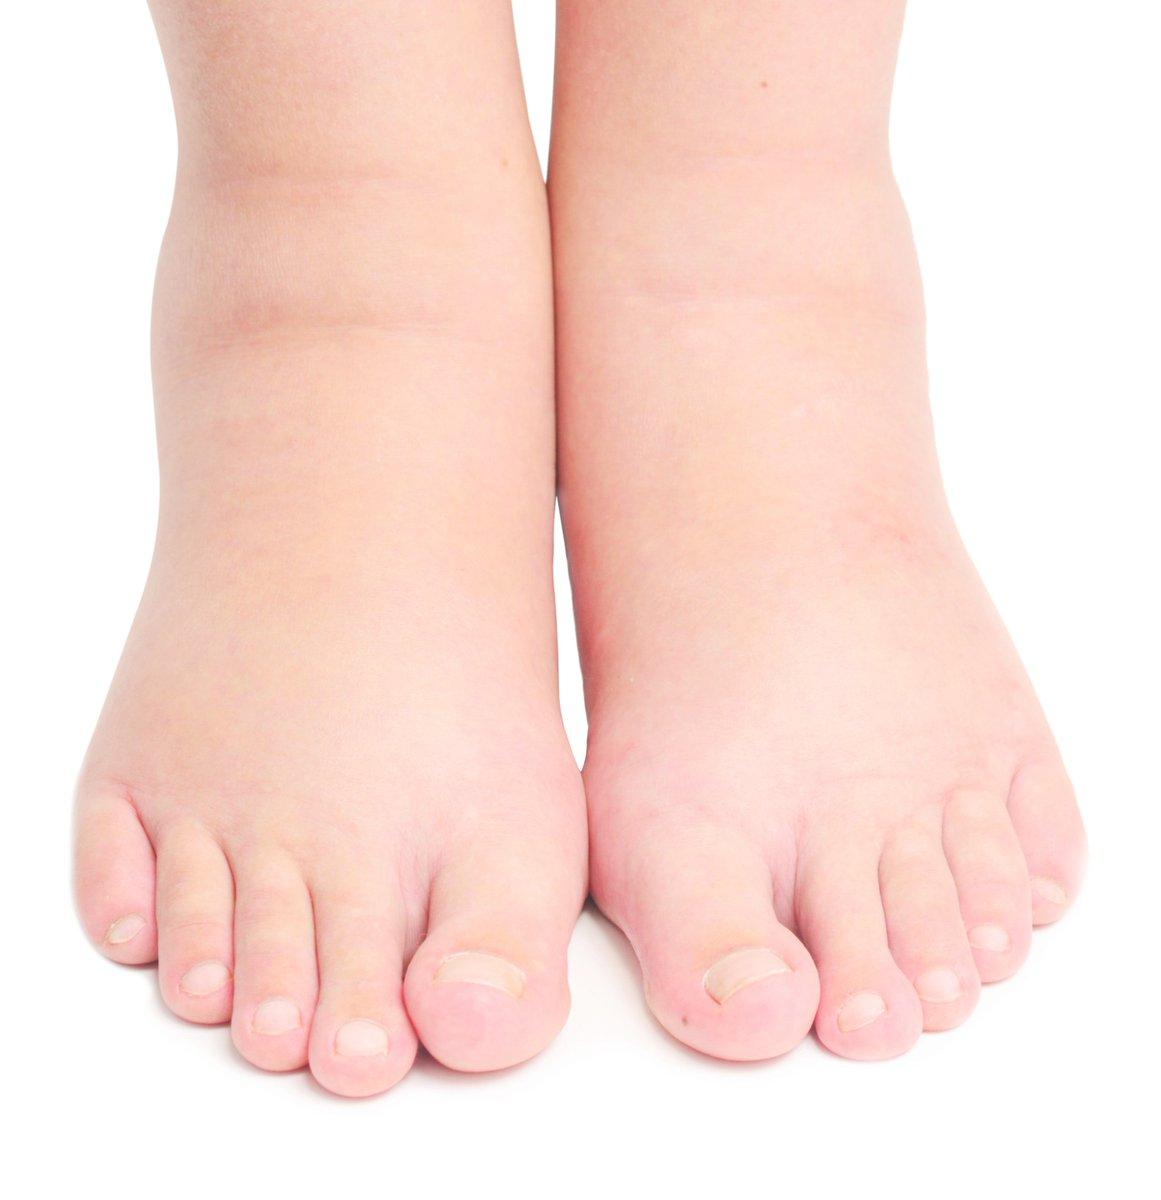 hinchazon de piernas posibles causas